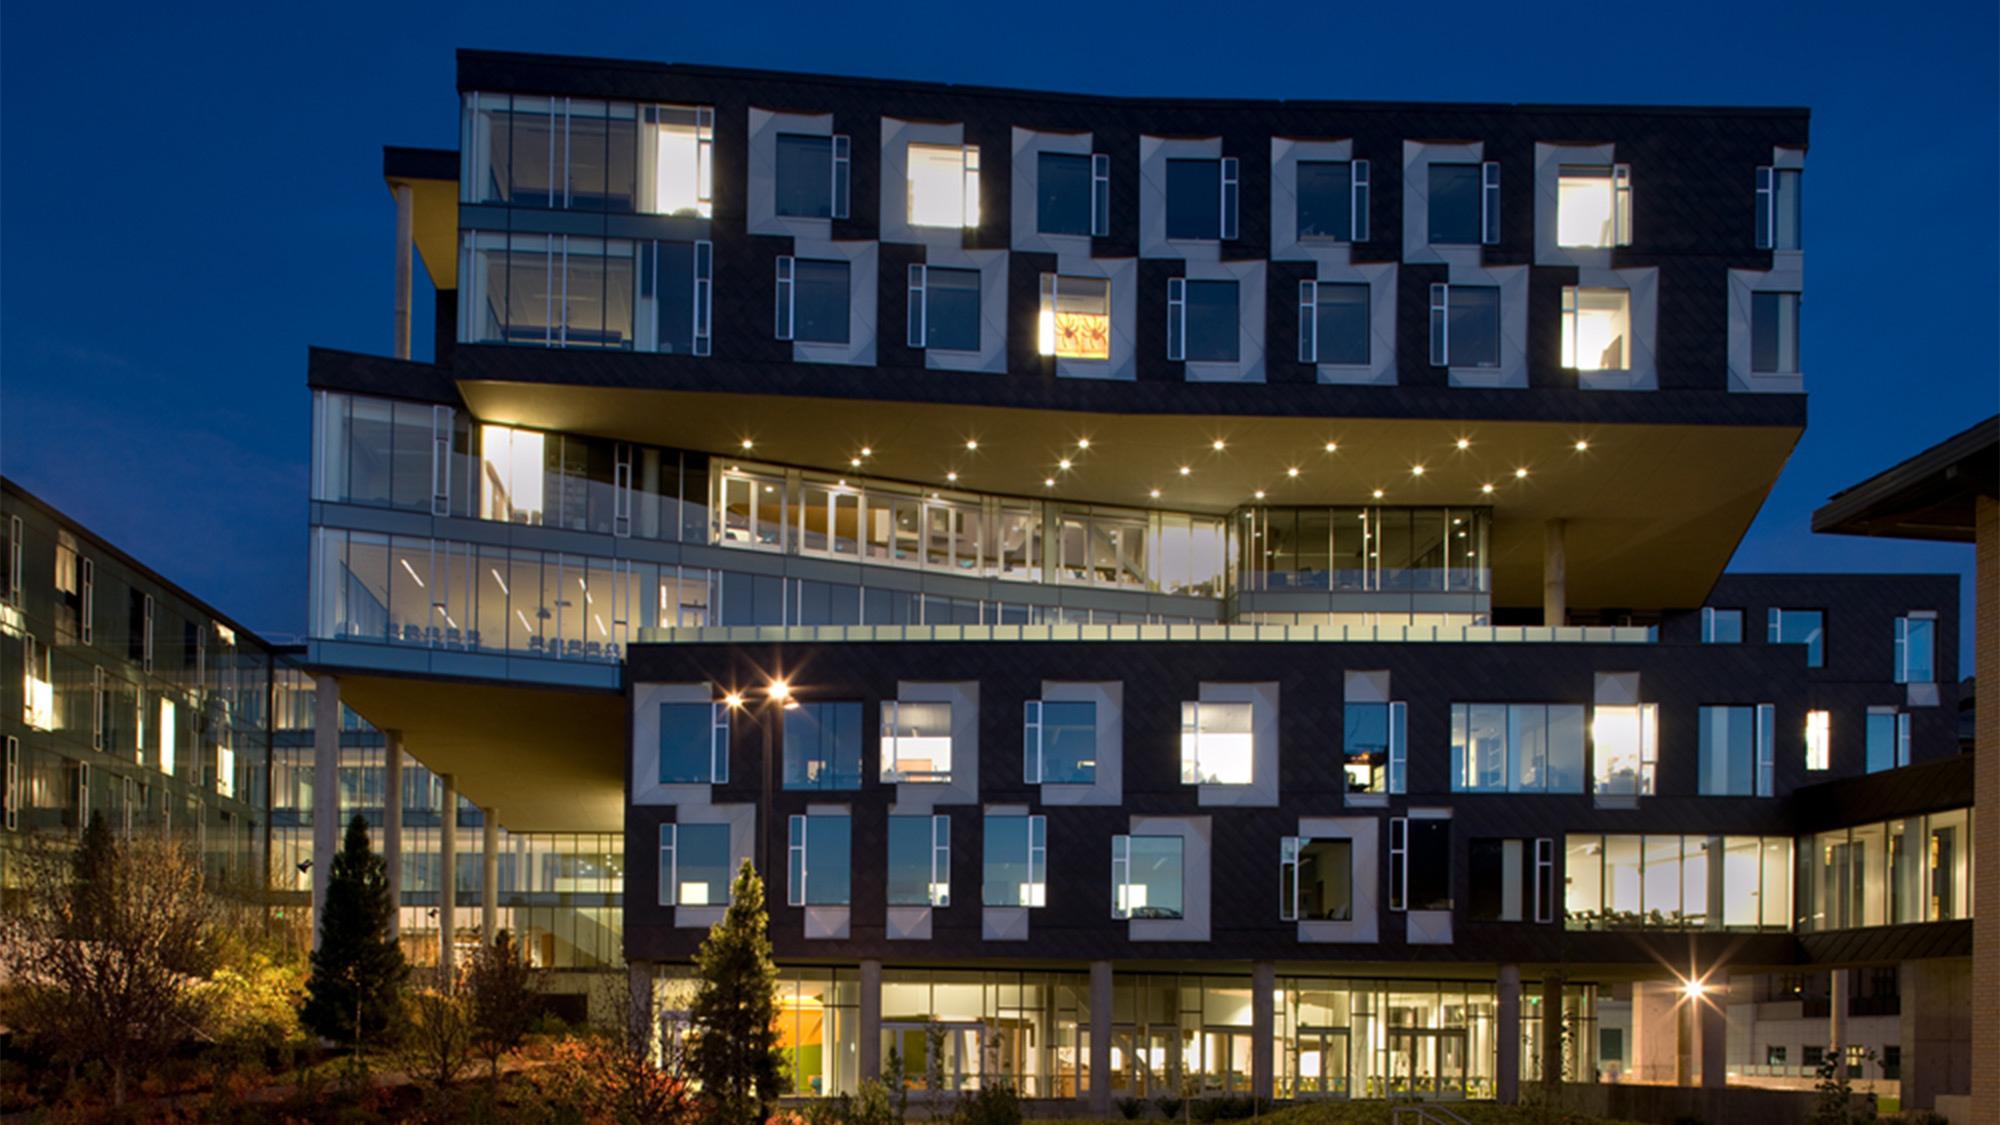 CMU卡內基梅隆大學–頂尖資工學府瀰漫濃厚藝術氣息